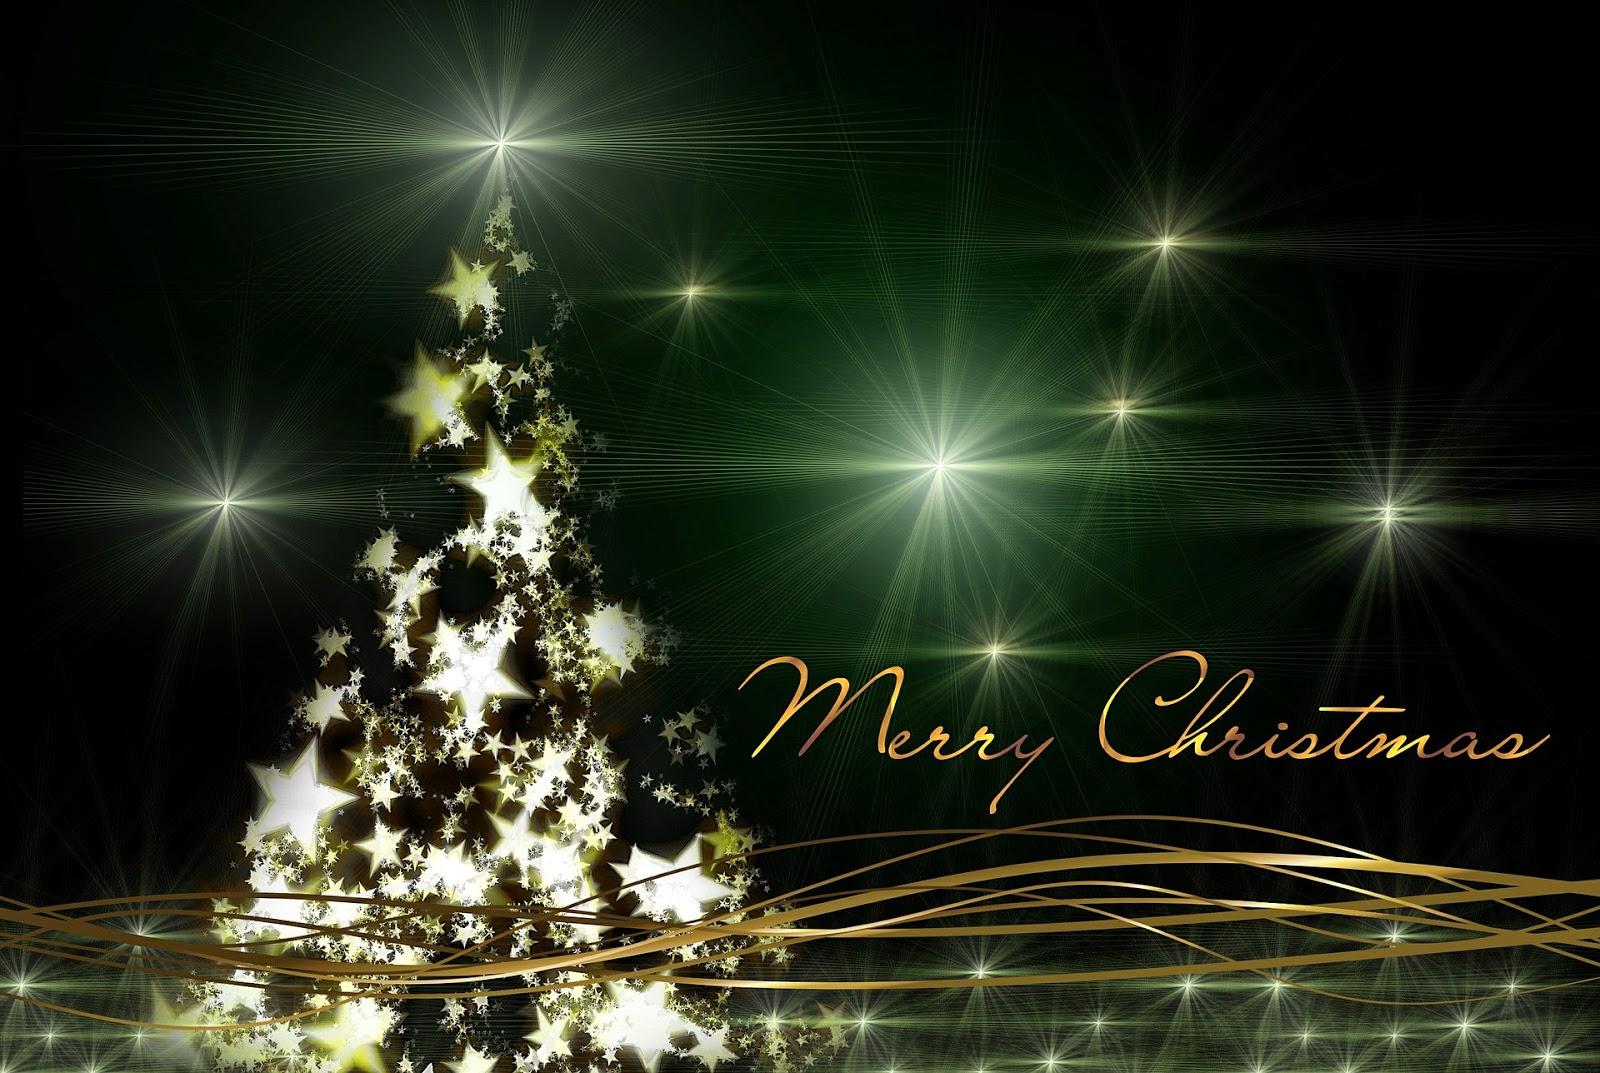 Frohe Weihnachten Besinnliche Feiertage.Frohe Weihnachten Und Friedliche Besinnliche Feiertage Wünschen Wir